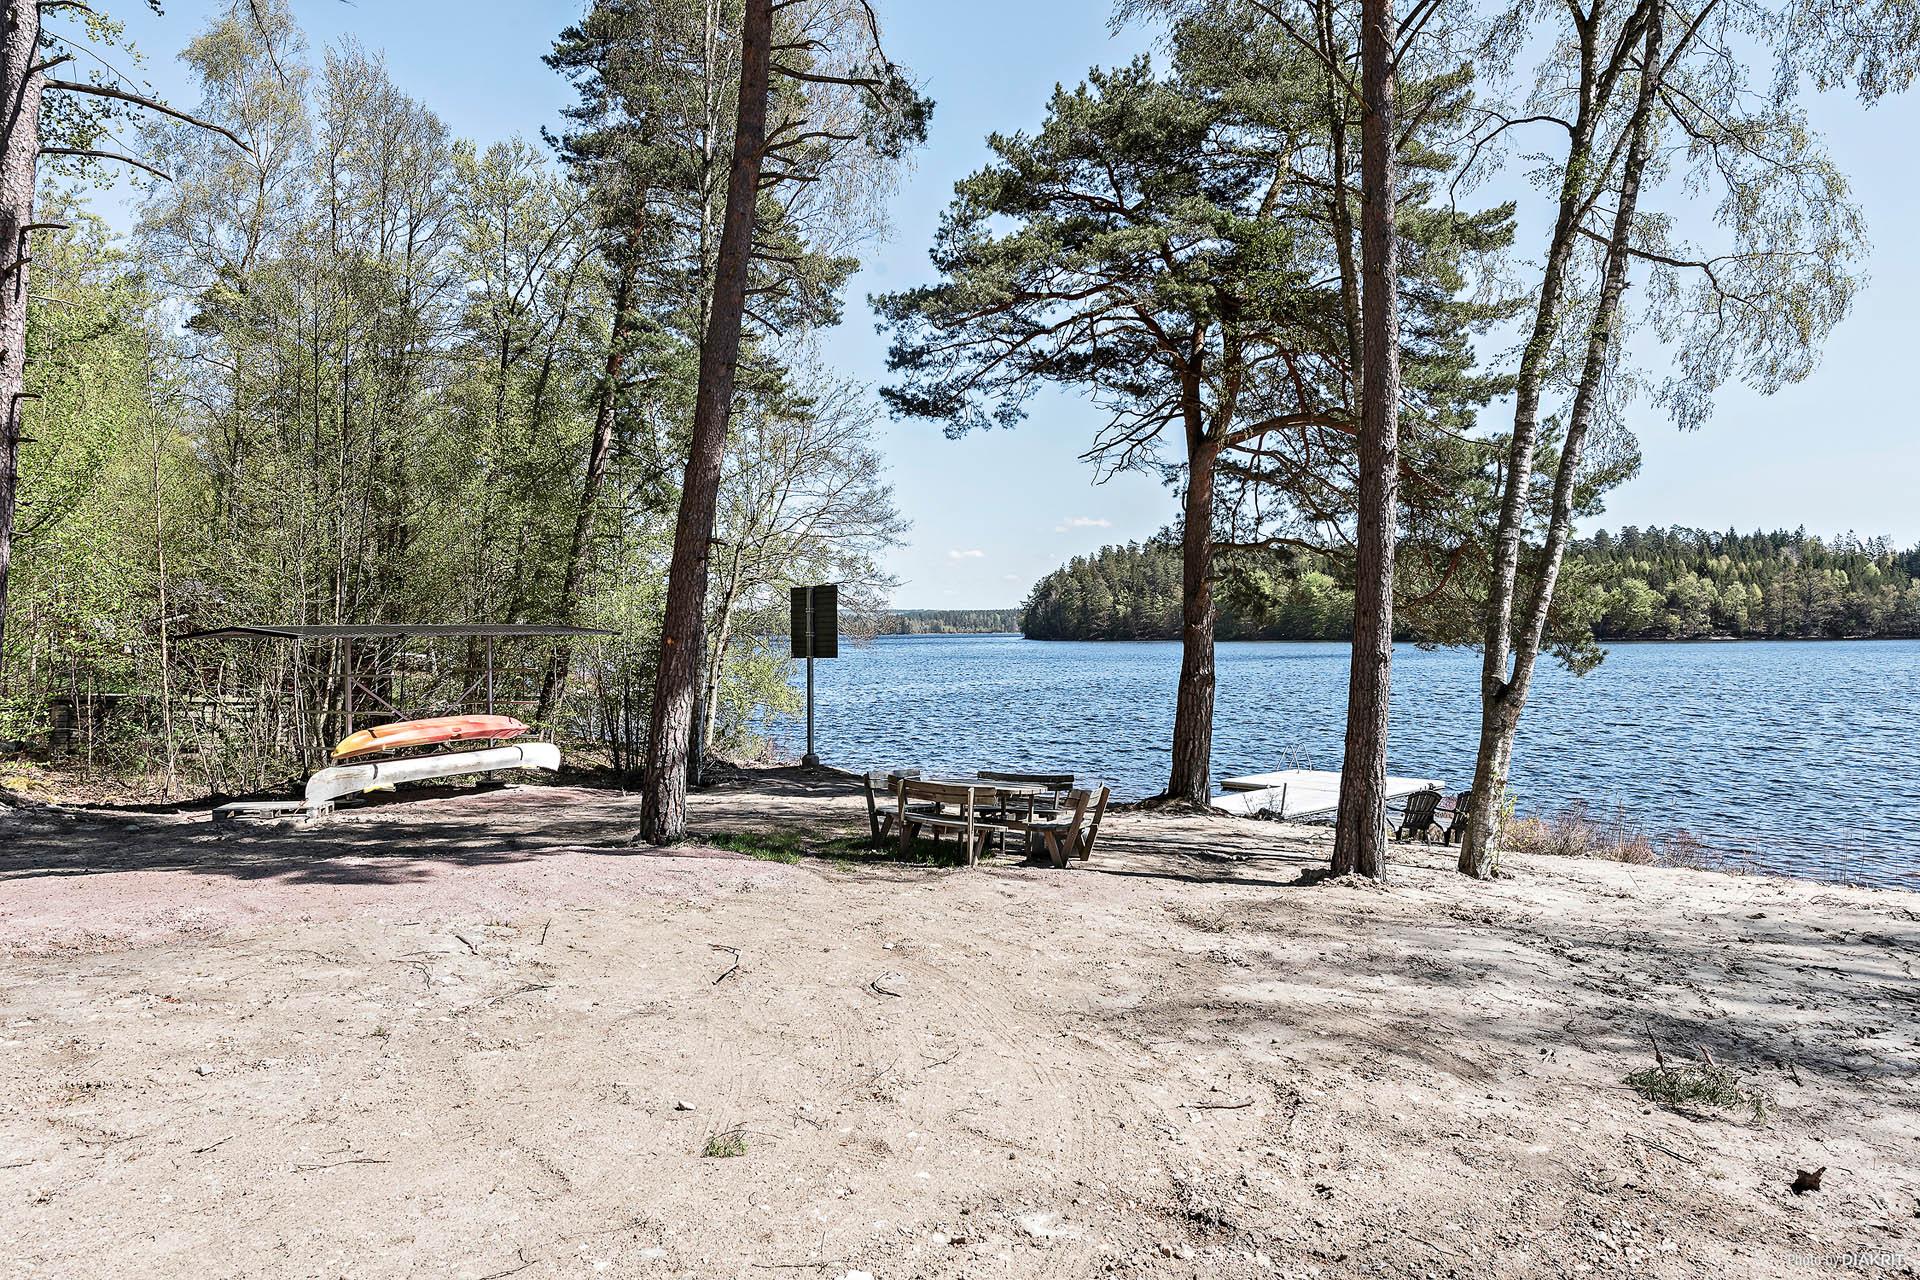 Även uppläggningsplats för kanoter finns.